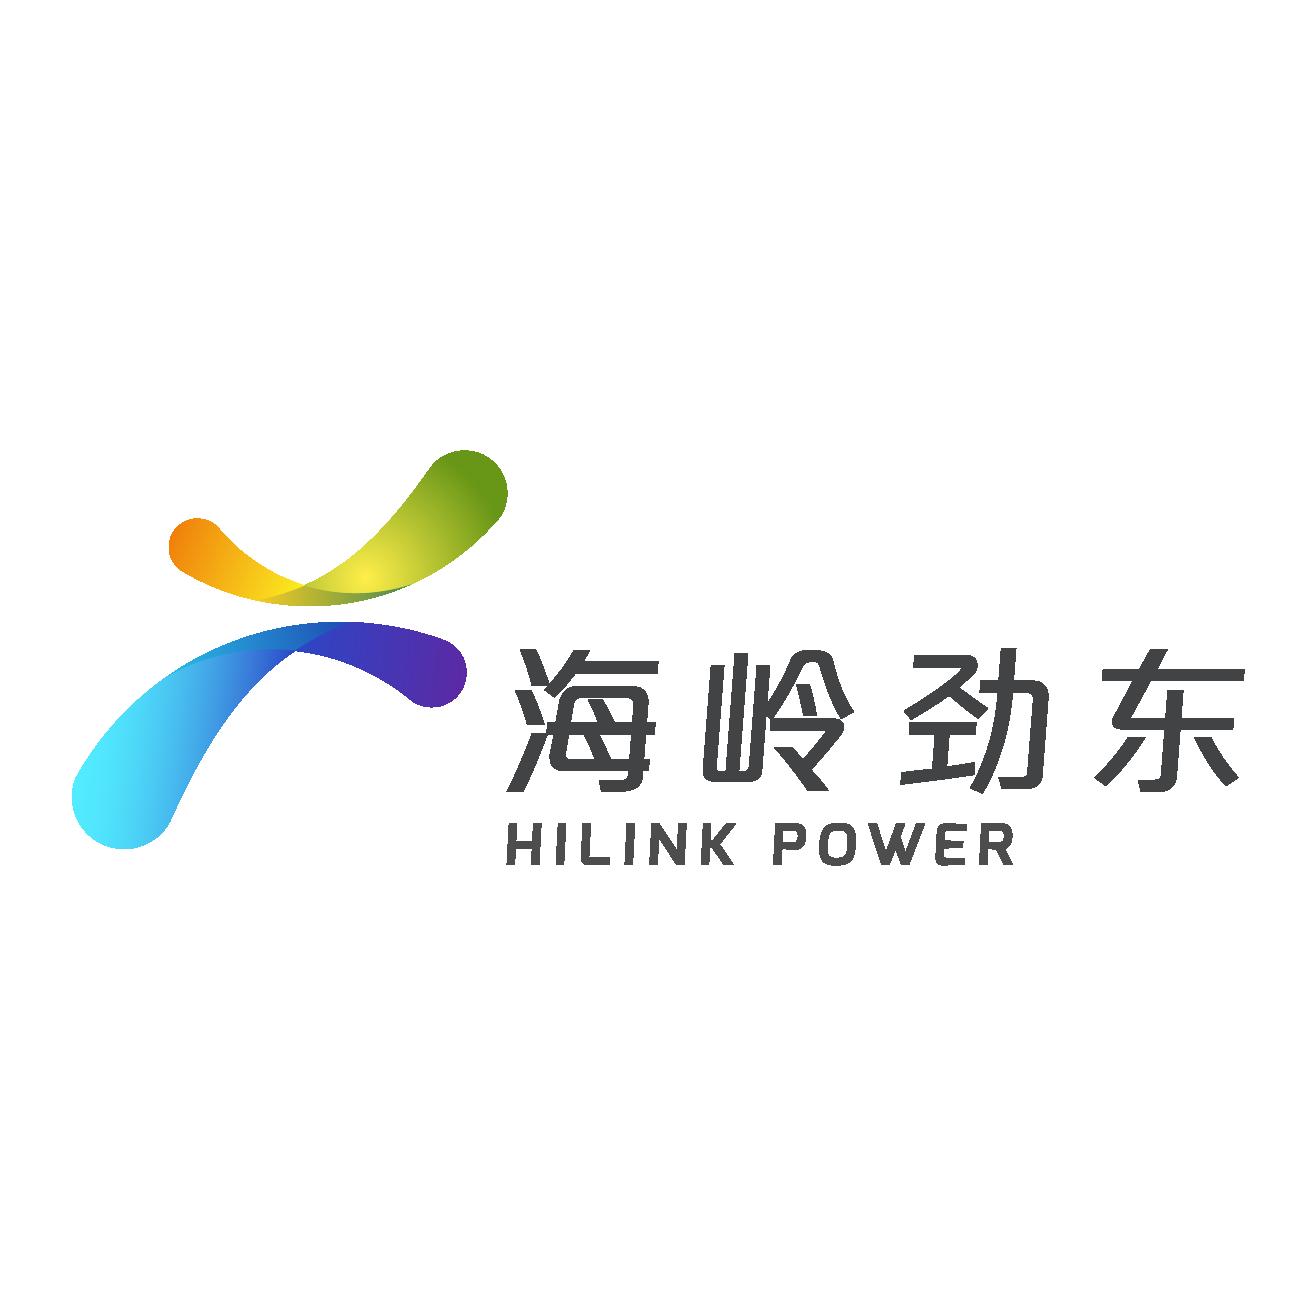 重庆海岭劲东科技发展有限公司_联英人才网_hrm.cn